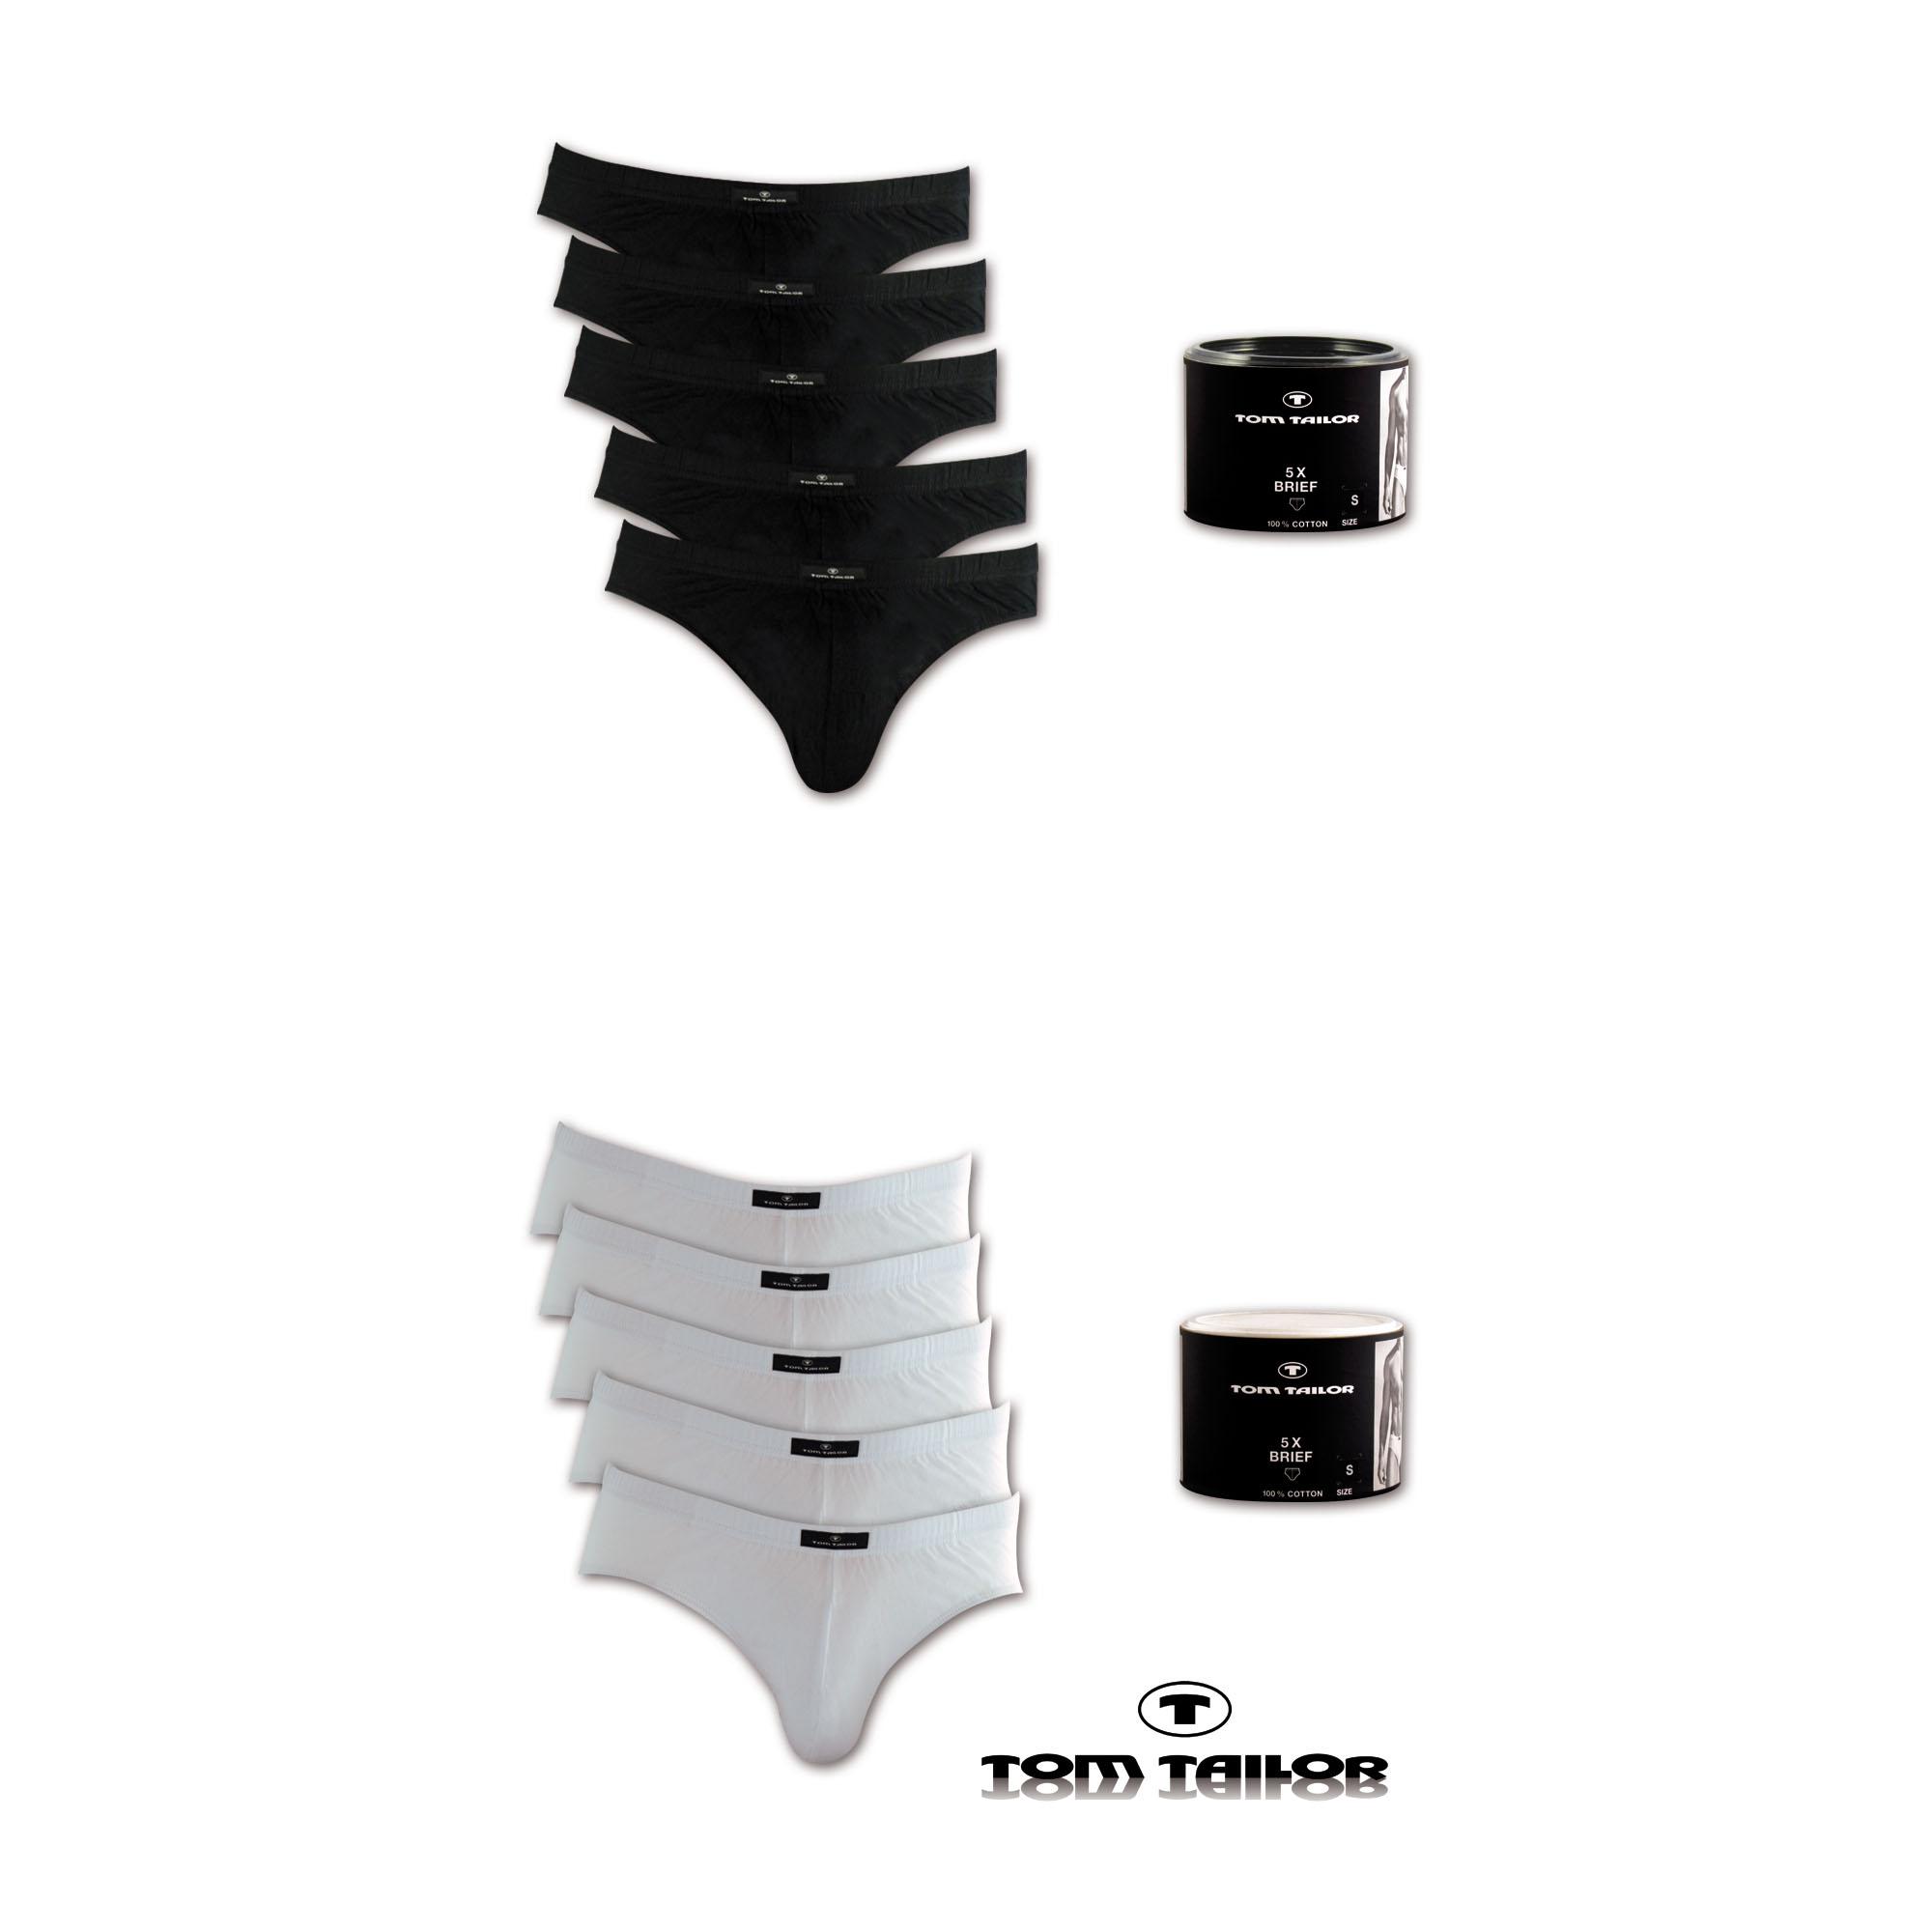 5er-Pack-Tom-Tailor-Herren-Slips-Unterhosen-Unterwaesche-S-M-L-XL